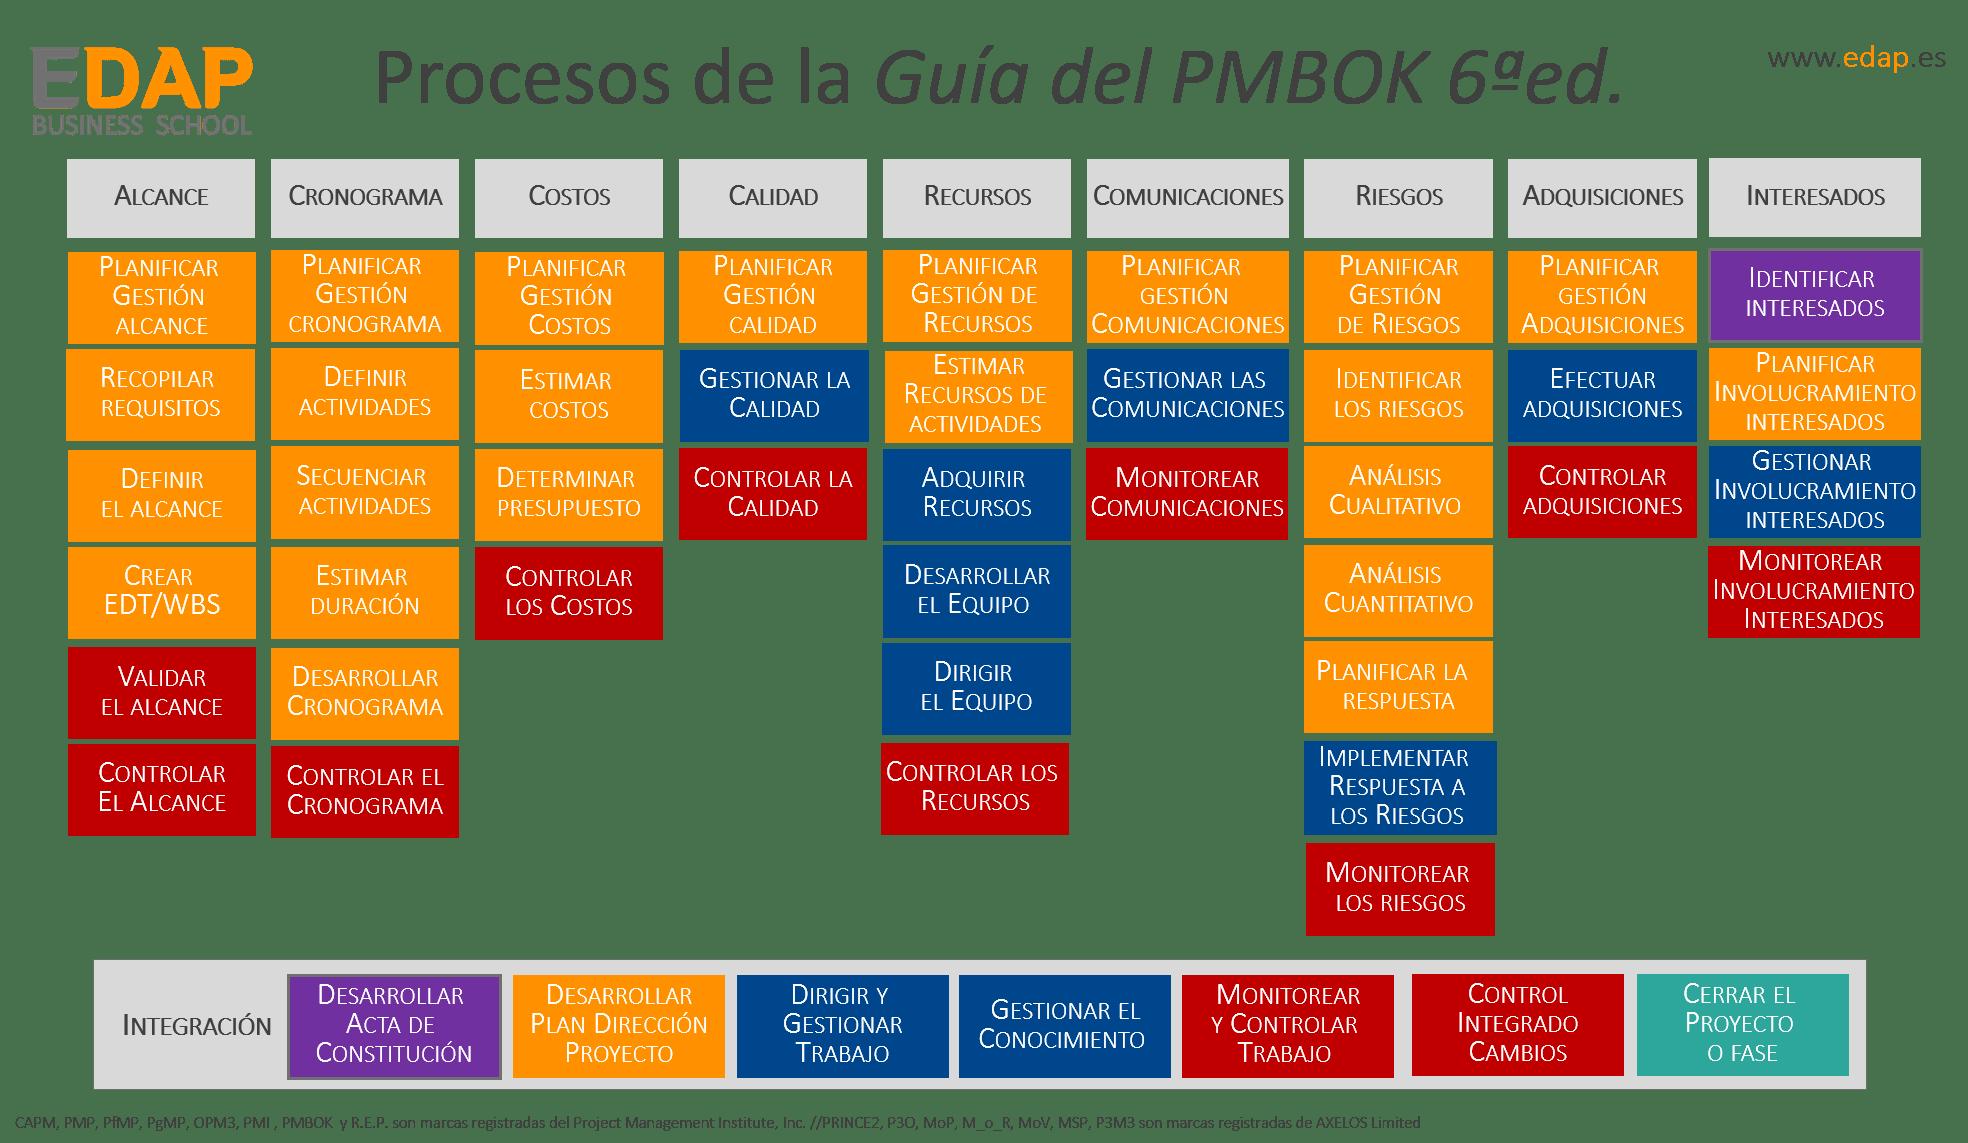 EDAP Procesos Guía PMBOK6